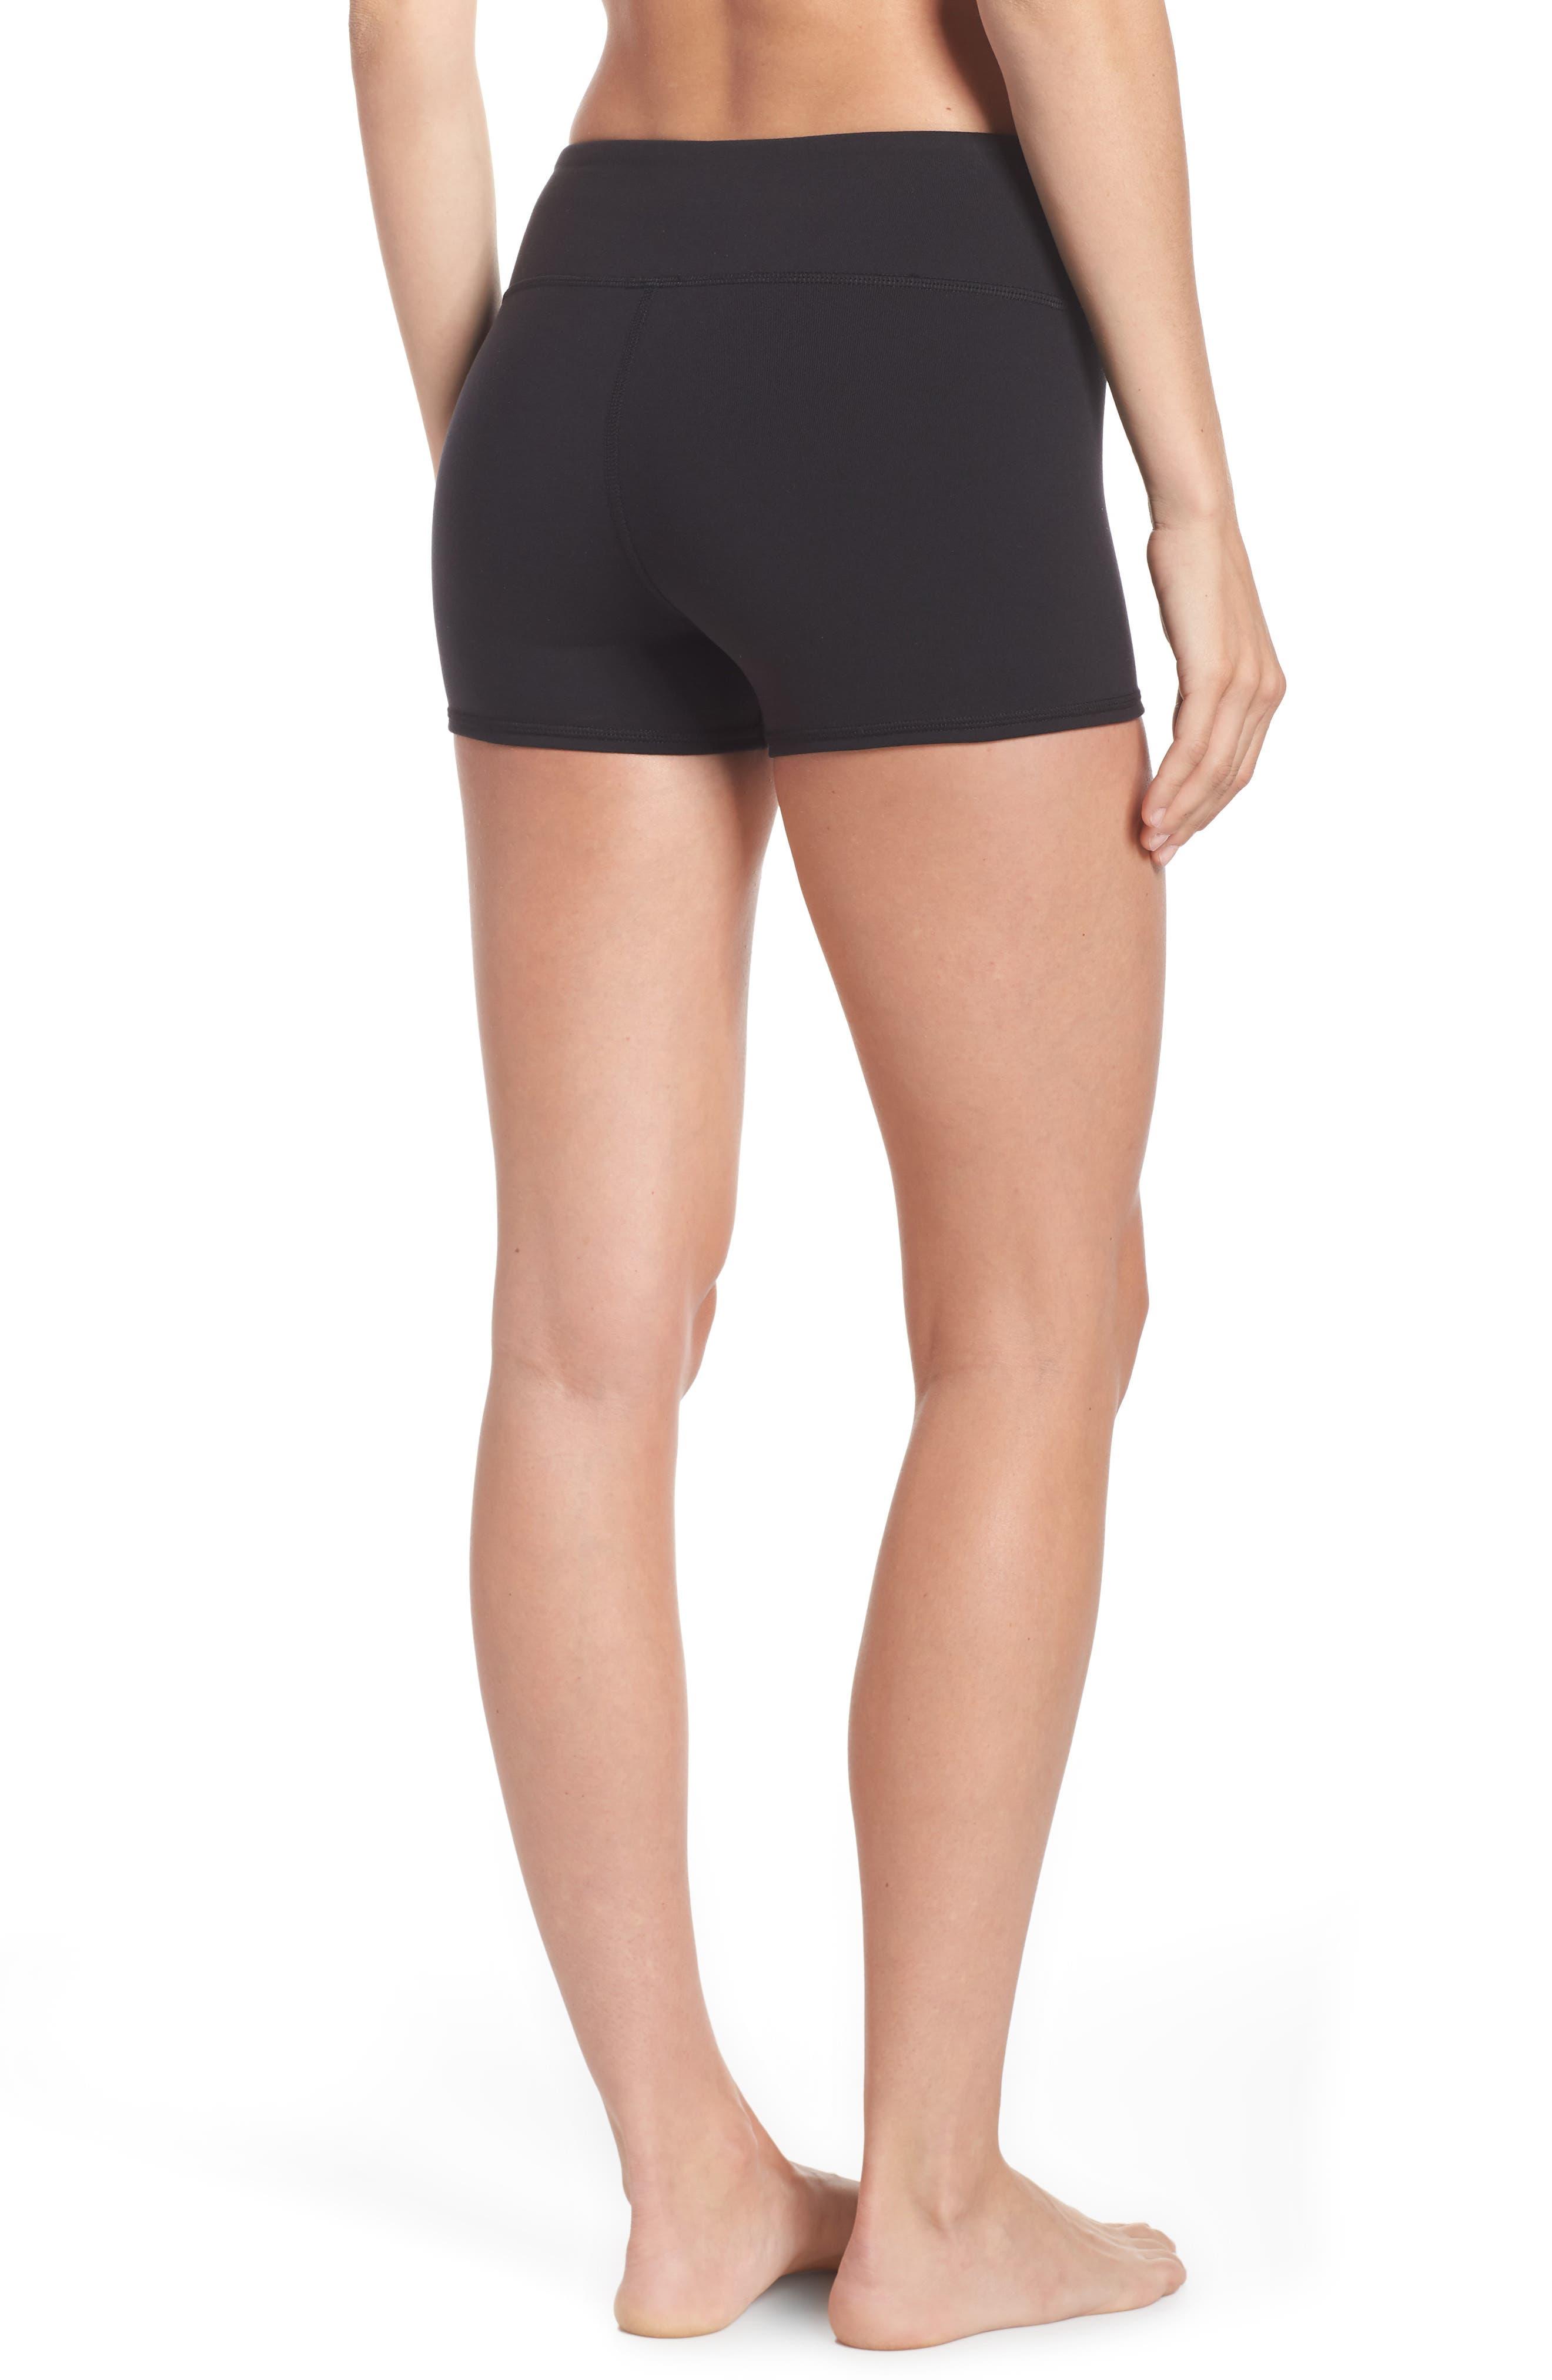 Airbrush Shorts,                             Alternate thumbnail 2, color,                             BLACK